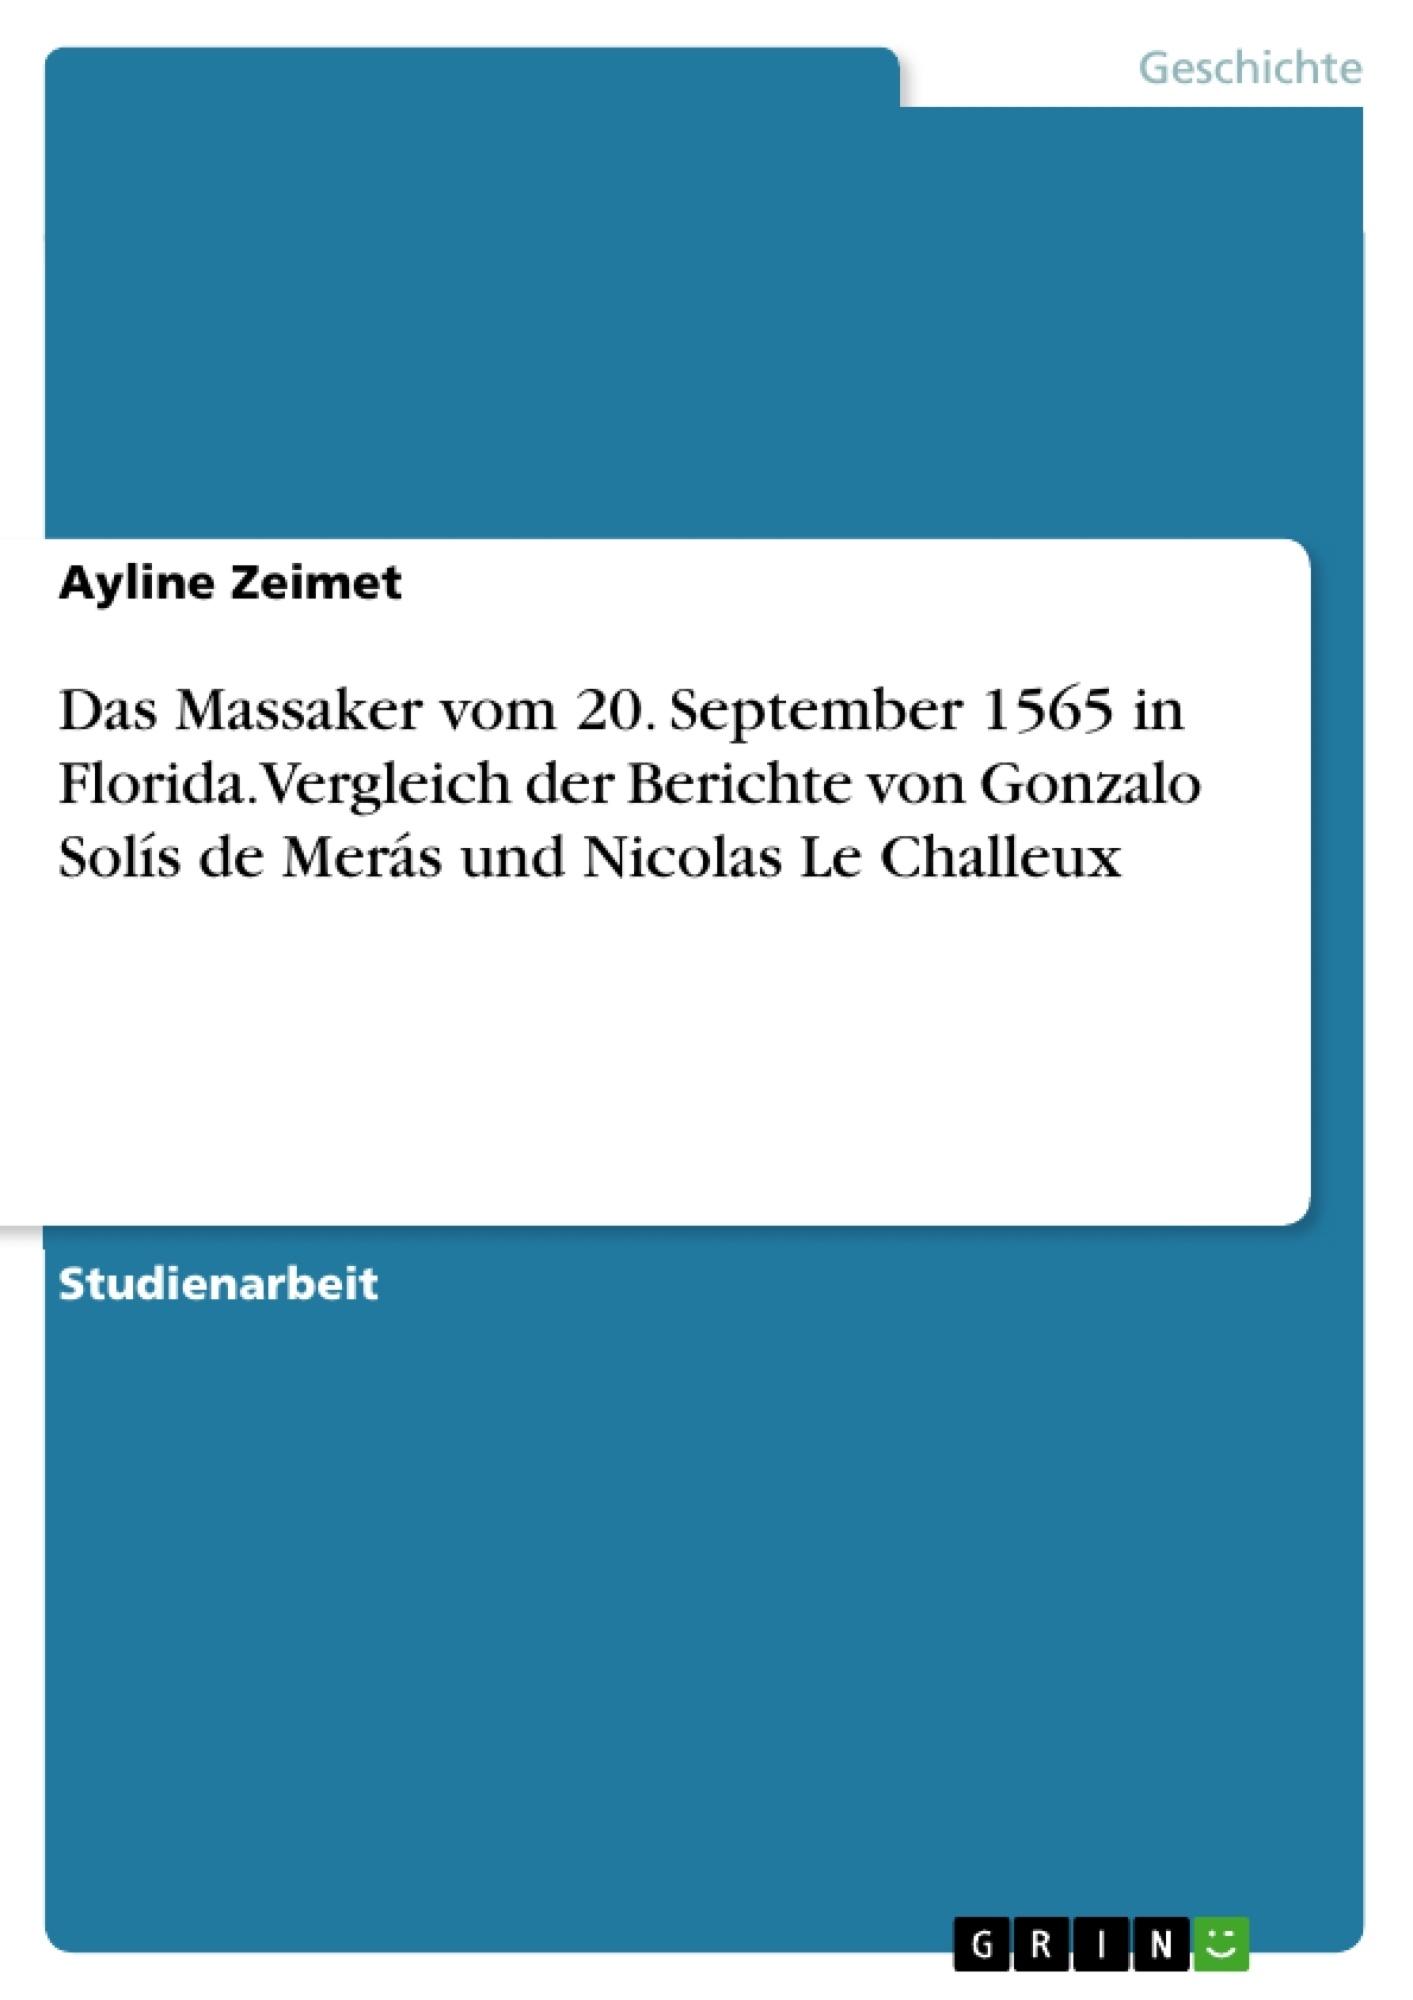 Titel: Das Massaker vom 20. September 1565 in Florida. Vergleich der Berichte von Gonzalo Solís de Merás und Nicolas Le Challeux